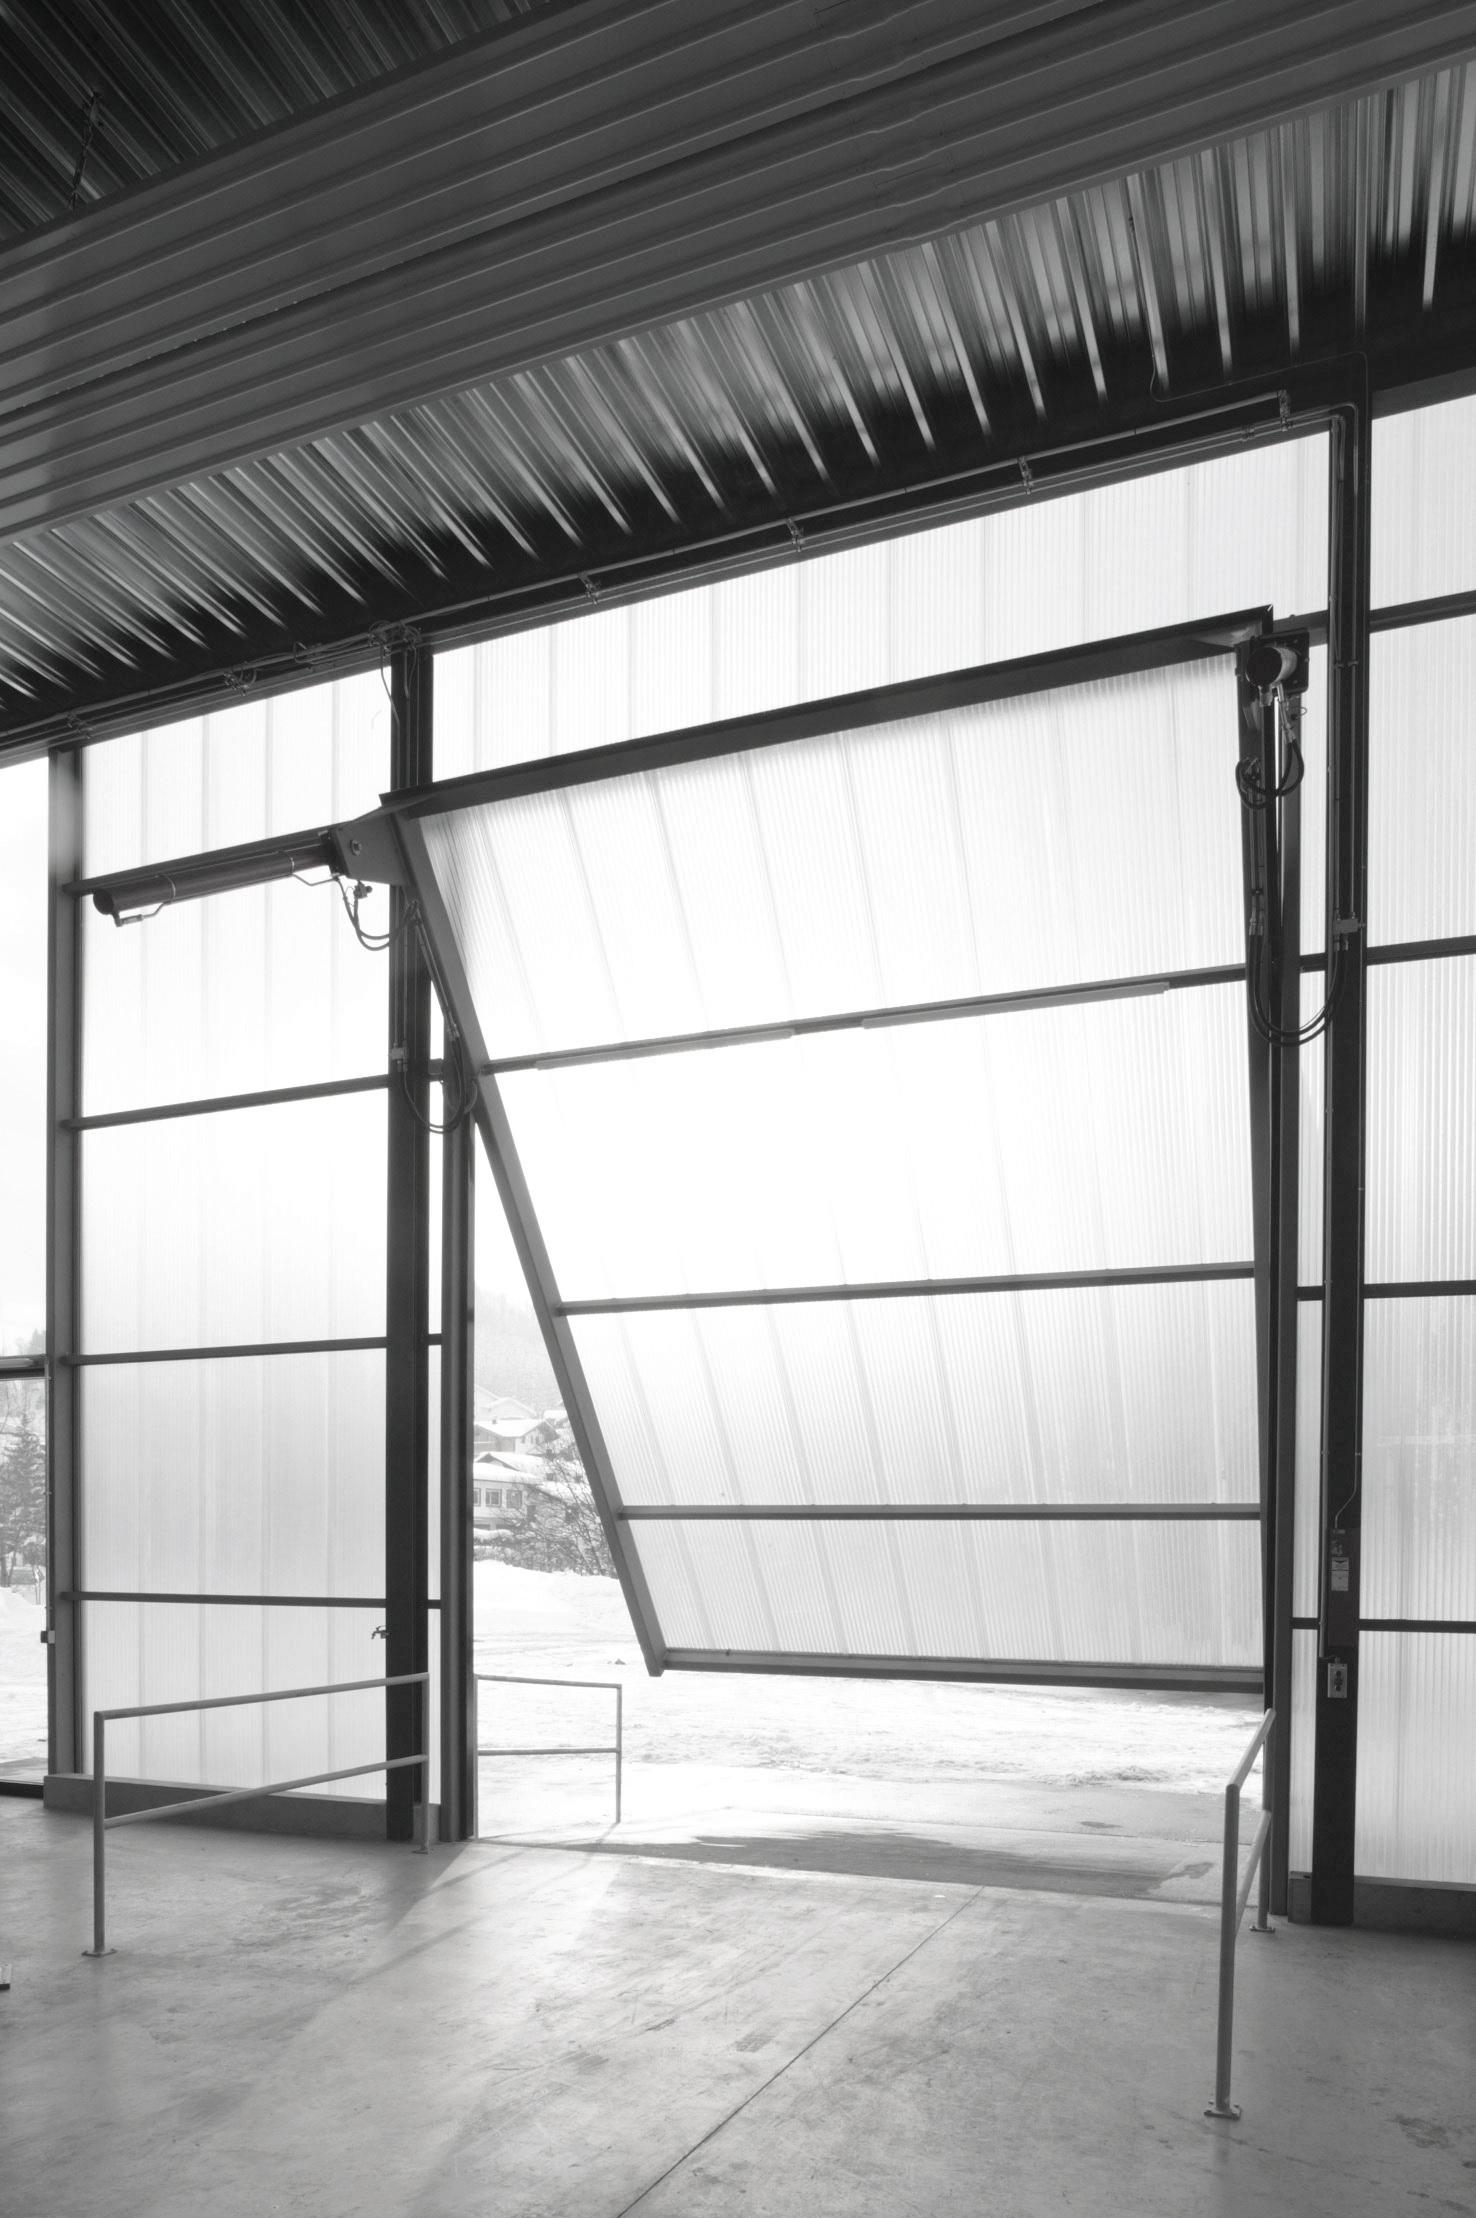 Michael-Becker-Architects-Architekten-Fertigungshalle-b-03